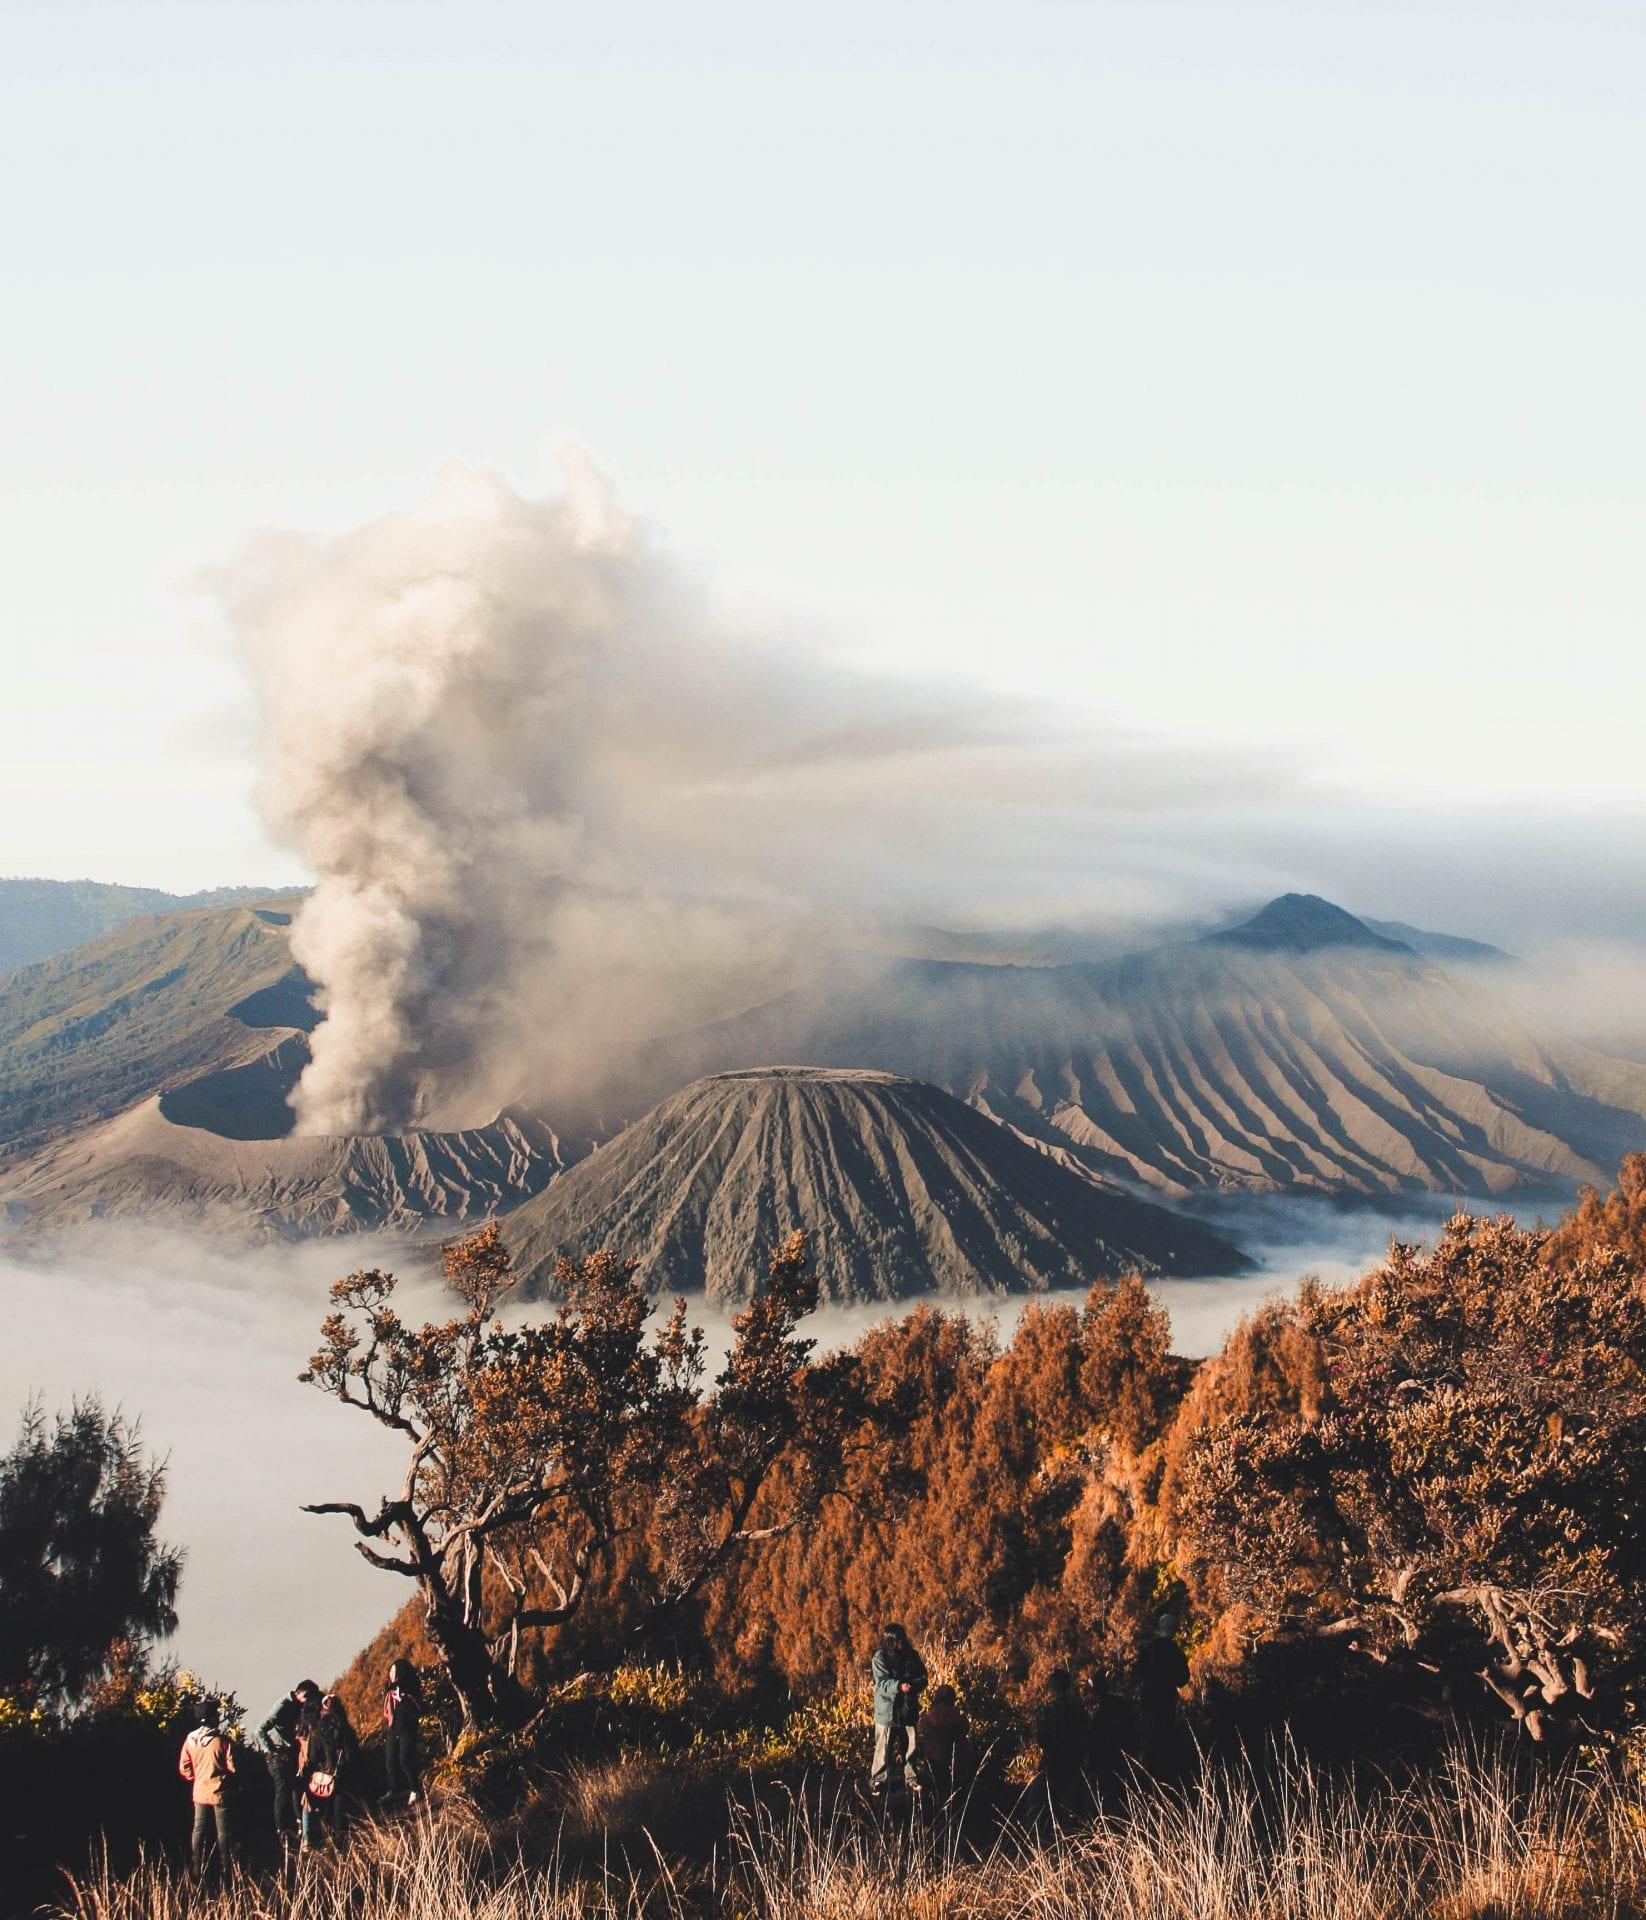 Views of Mount Bromo